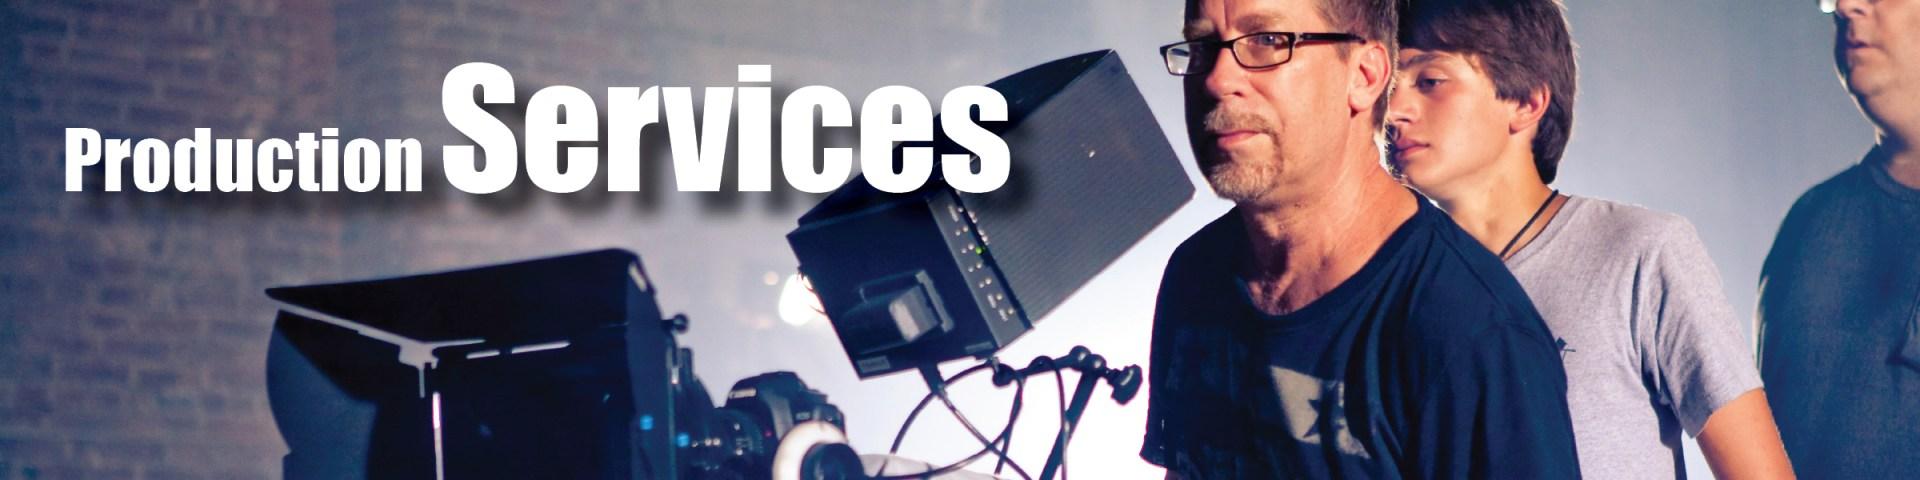 Video Production Services Memphis